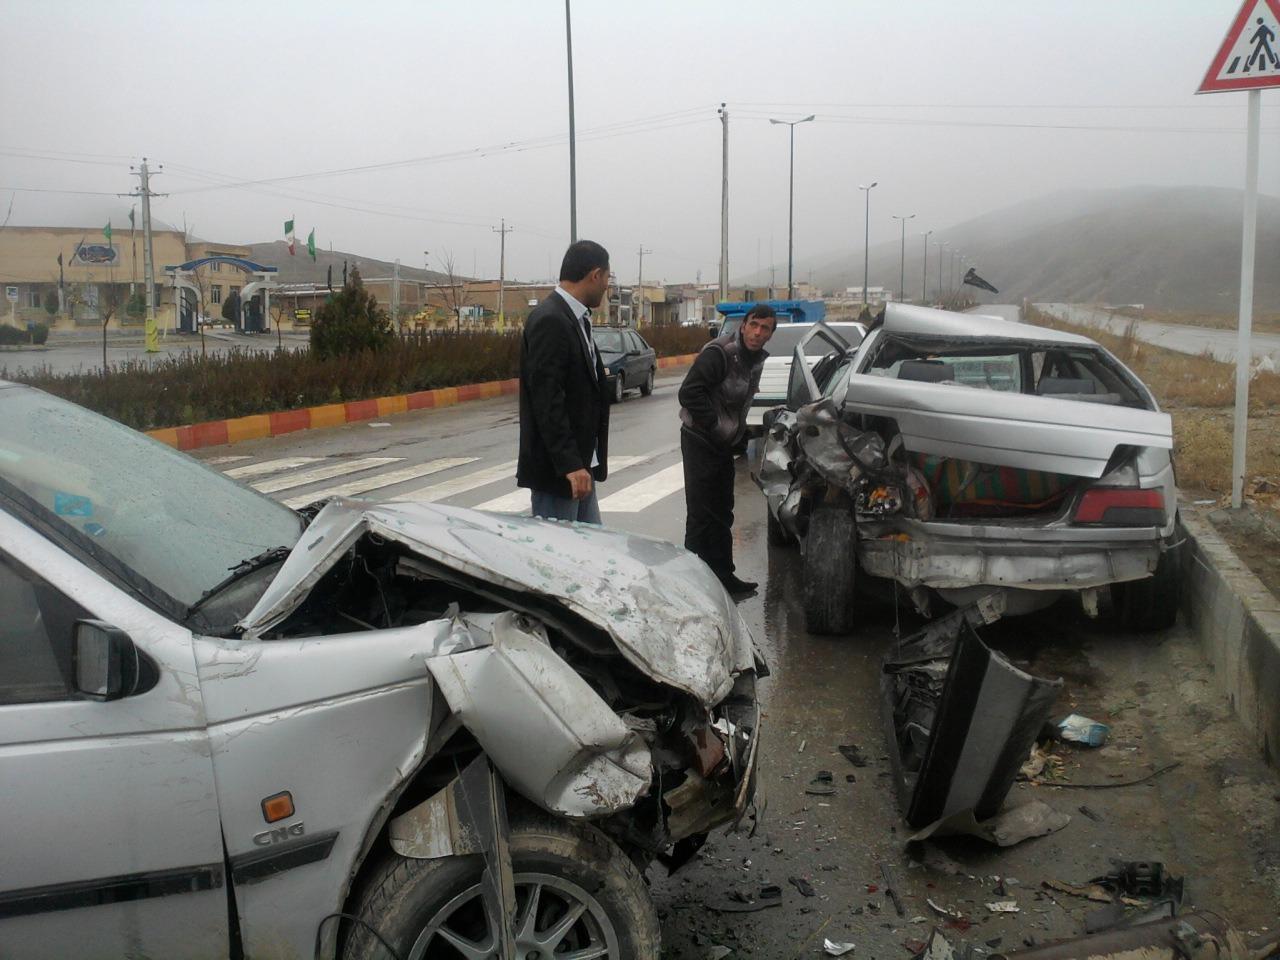 ۶ مصدوم و ۲ فوتی بر اثر برخورد پژو و پراید در شهرستان نجفآباد اصفهان